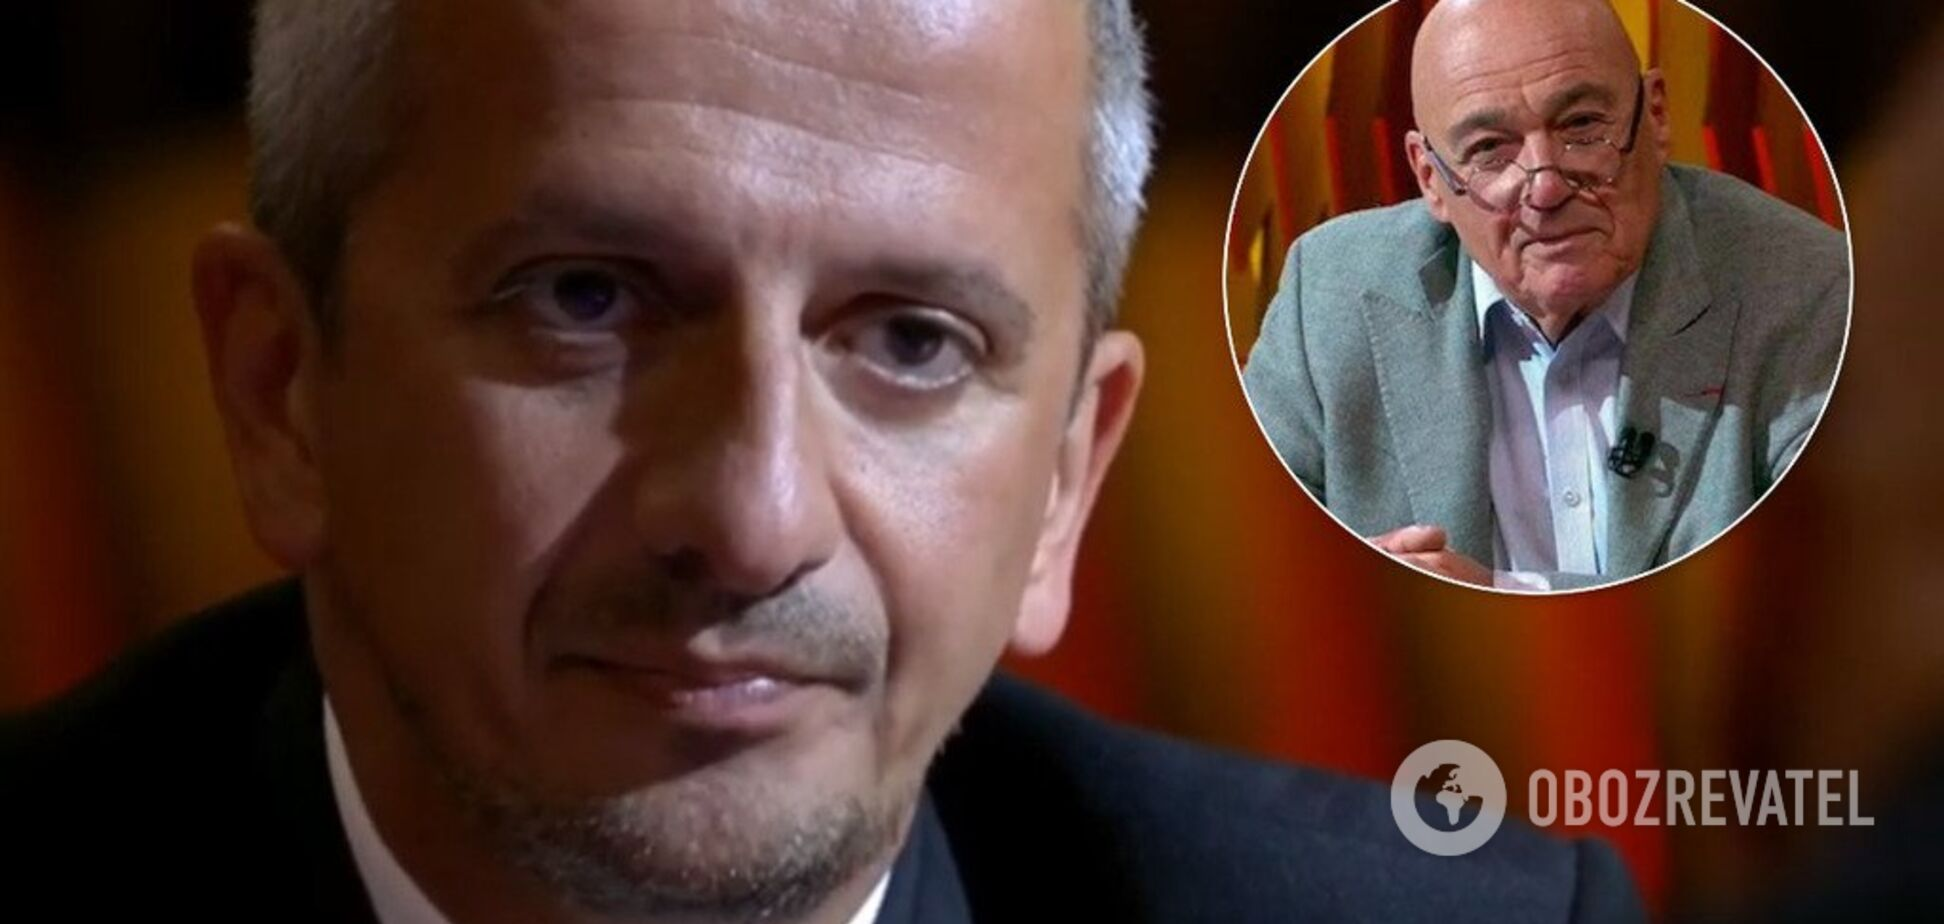 'Не надо рассуждать!' Муж Собчак поскандалил с Познером на росТВ